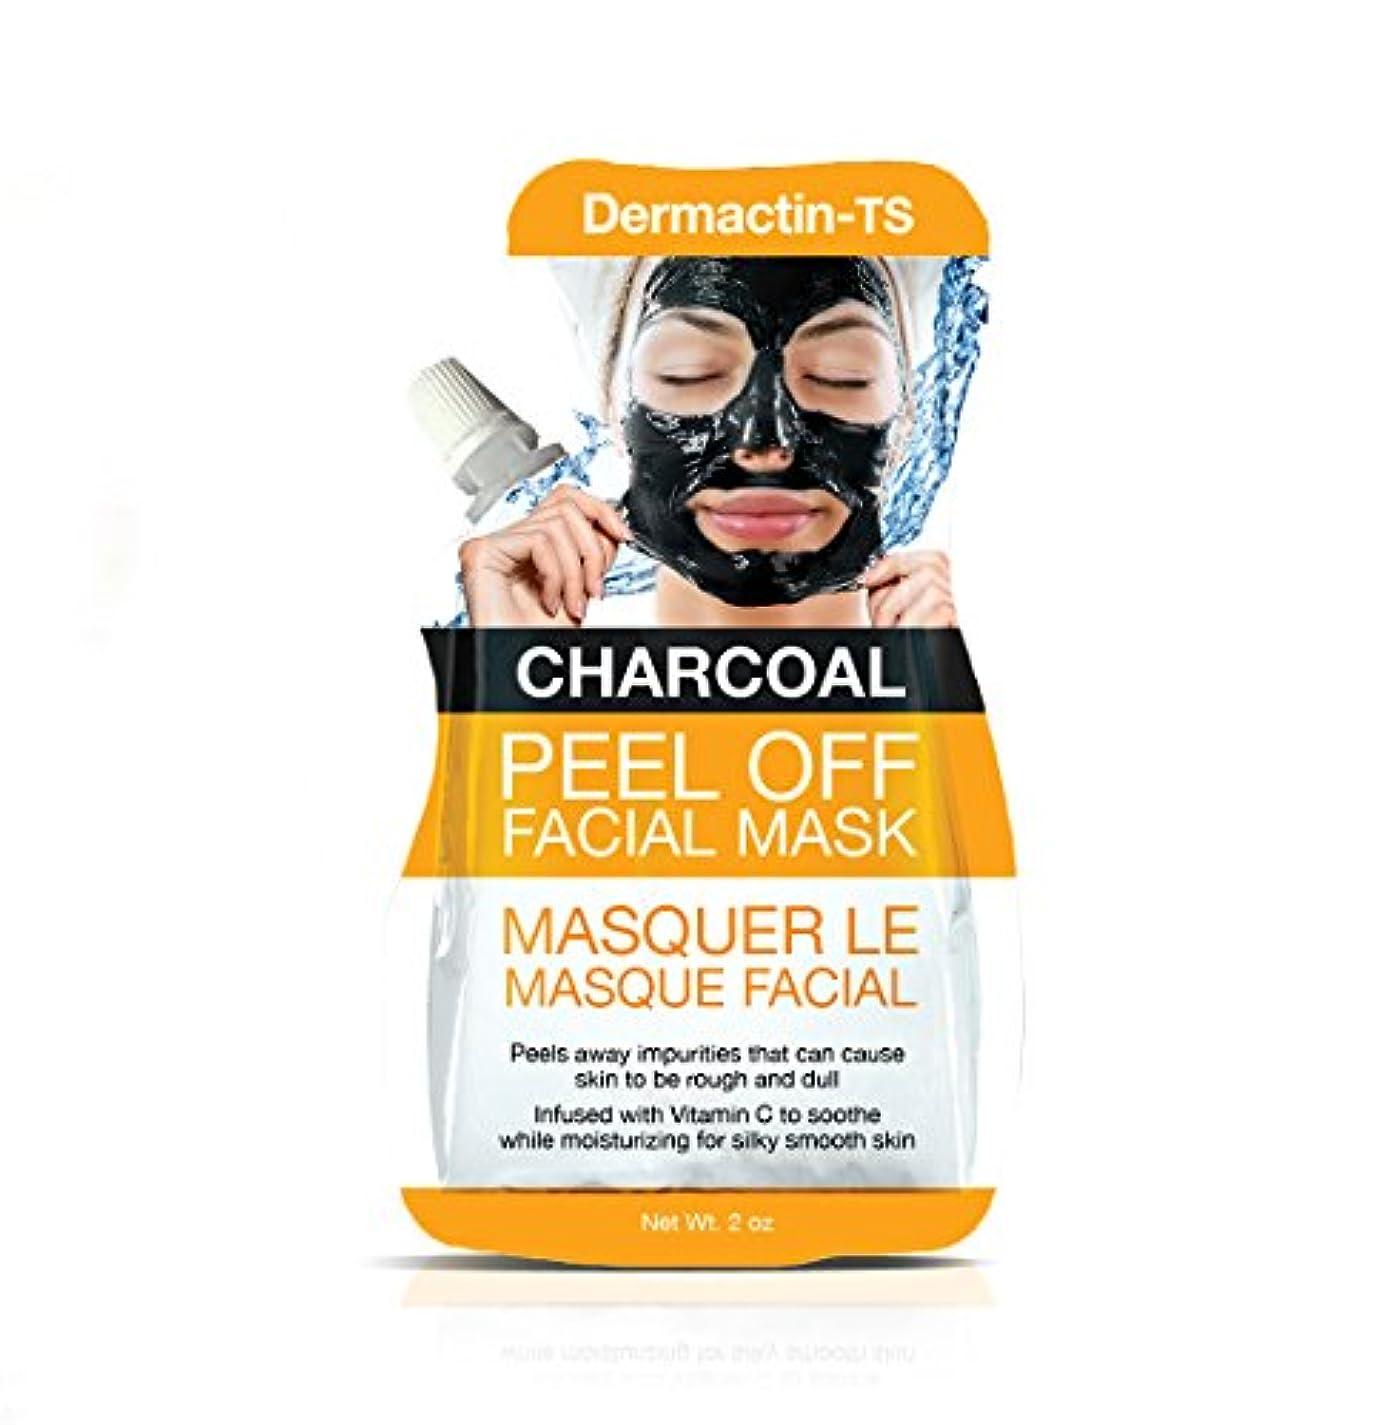 溶かすフォーラム許可するDermactin-TS フェイシャル?マスク?チャコール50g(パック2個) (並行輸入品)